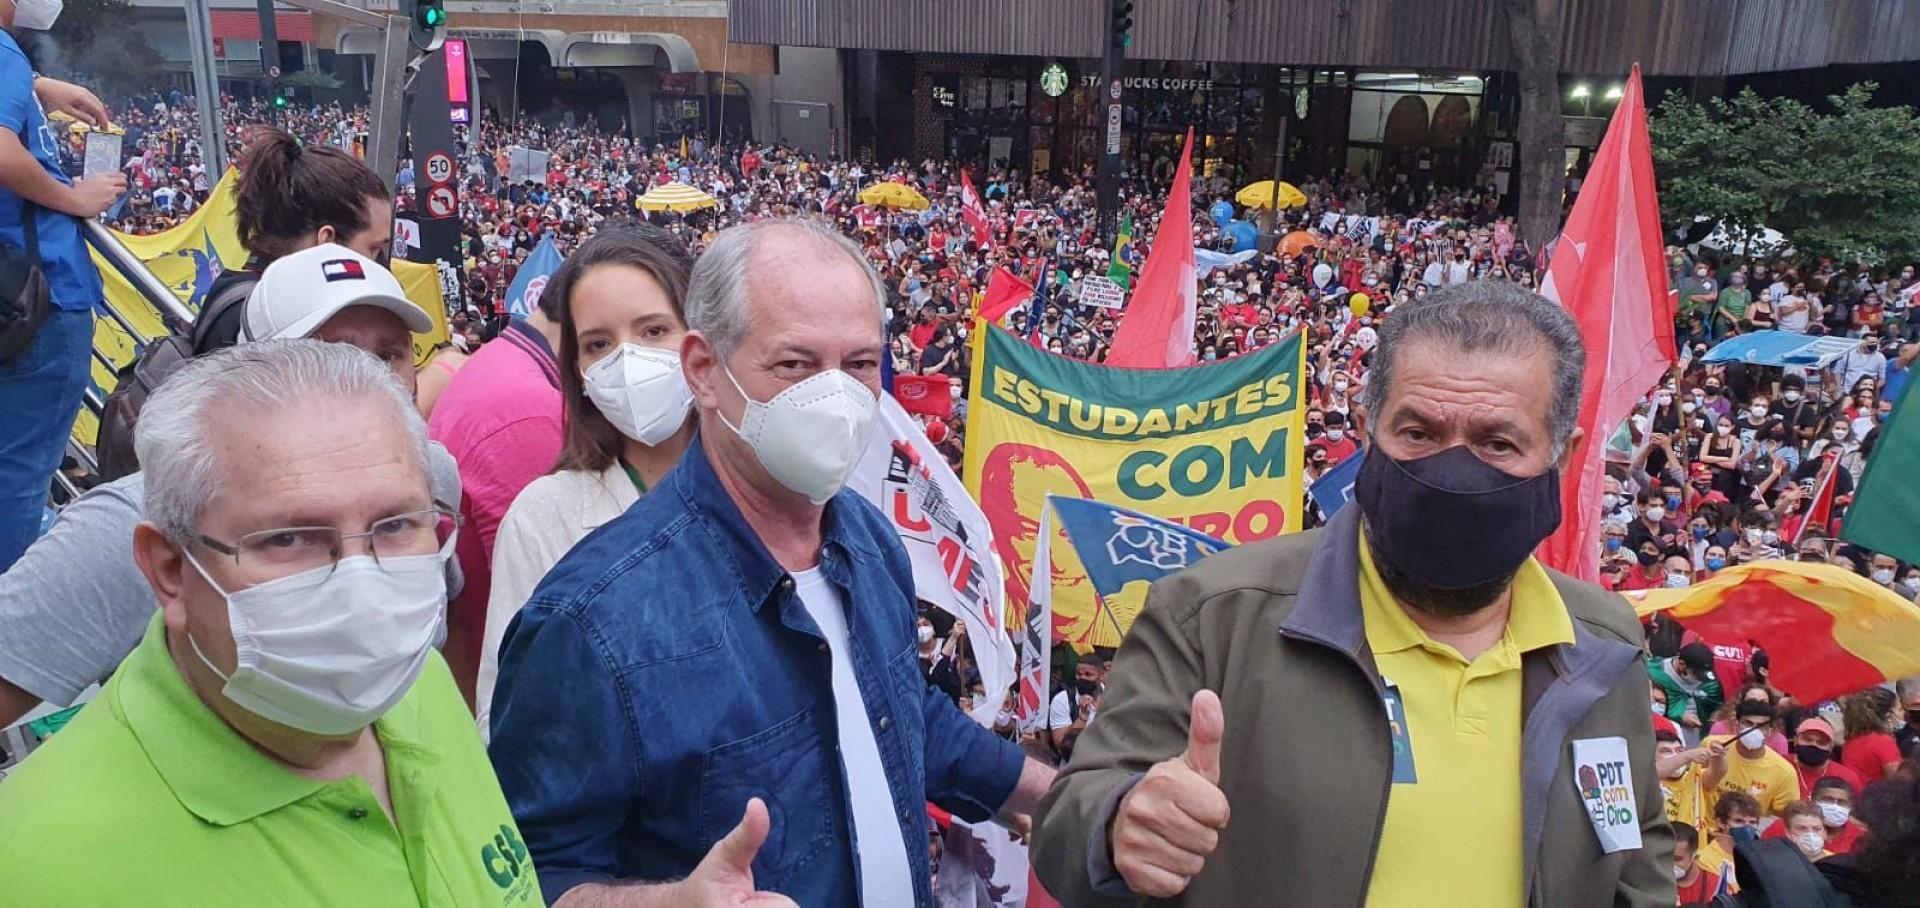 CIRO foi alvo de agressões e hostilidades após discurso na Paulista(Foto: Reprodução/Twitter)